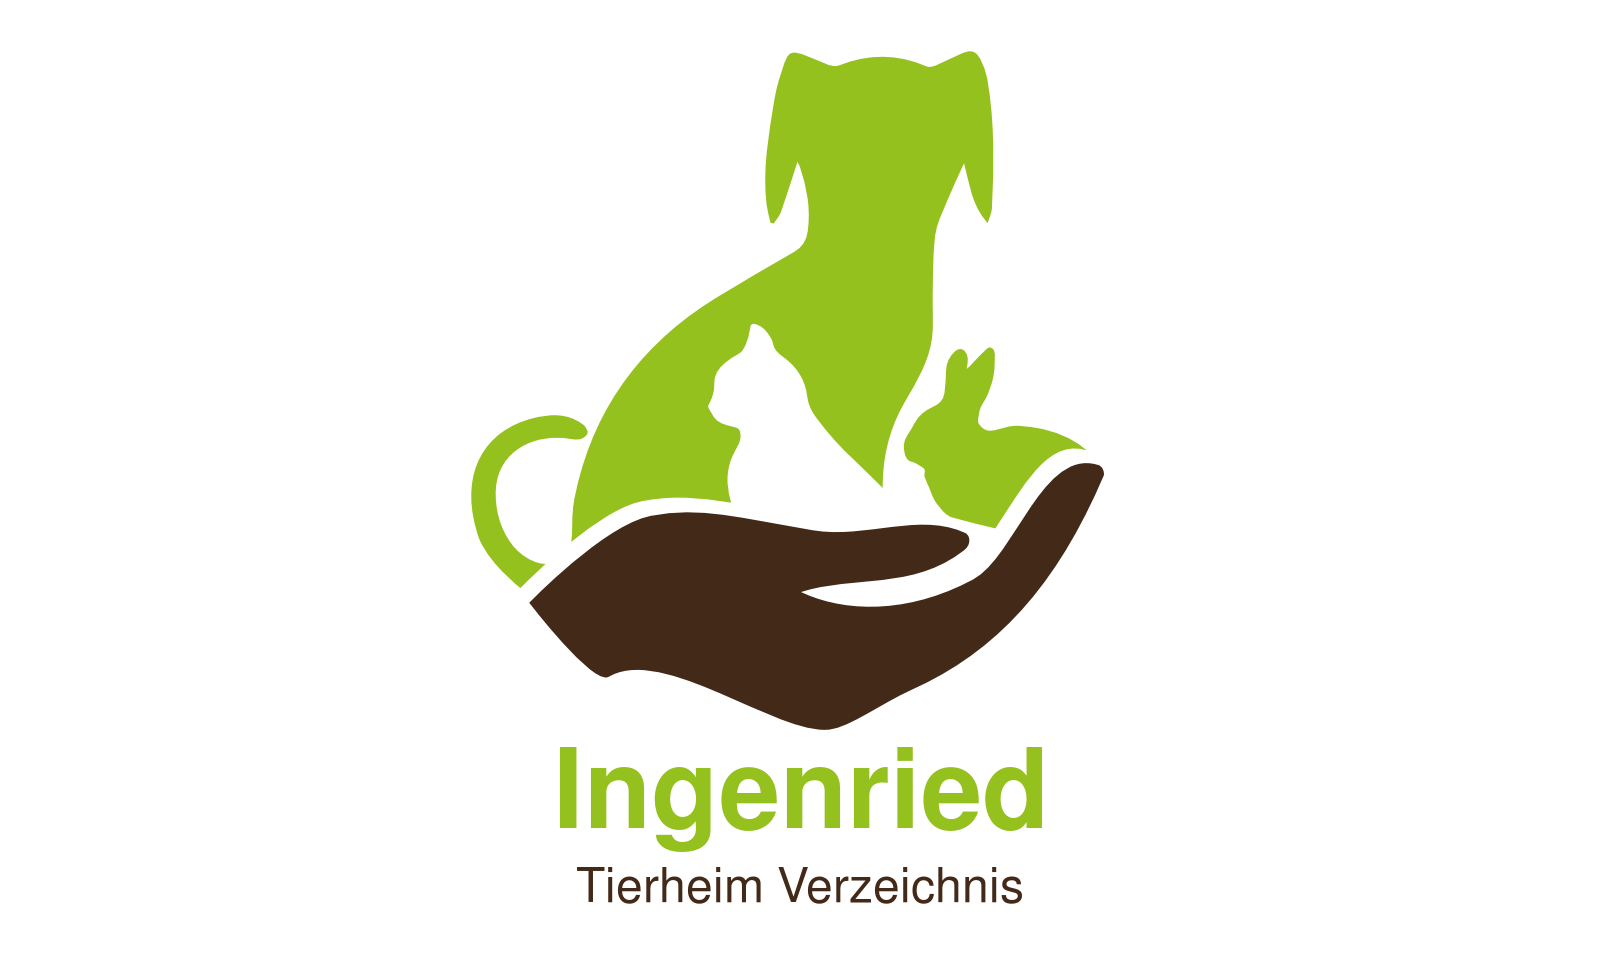 Tierheim Ingenried